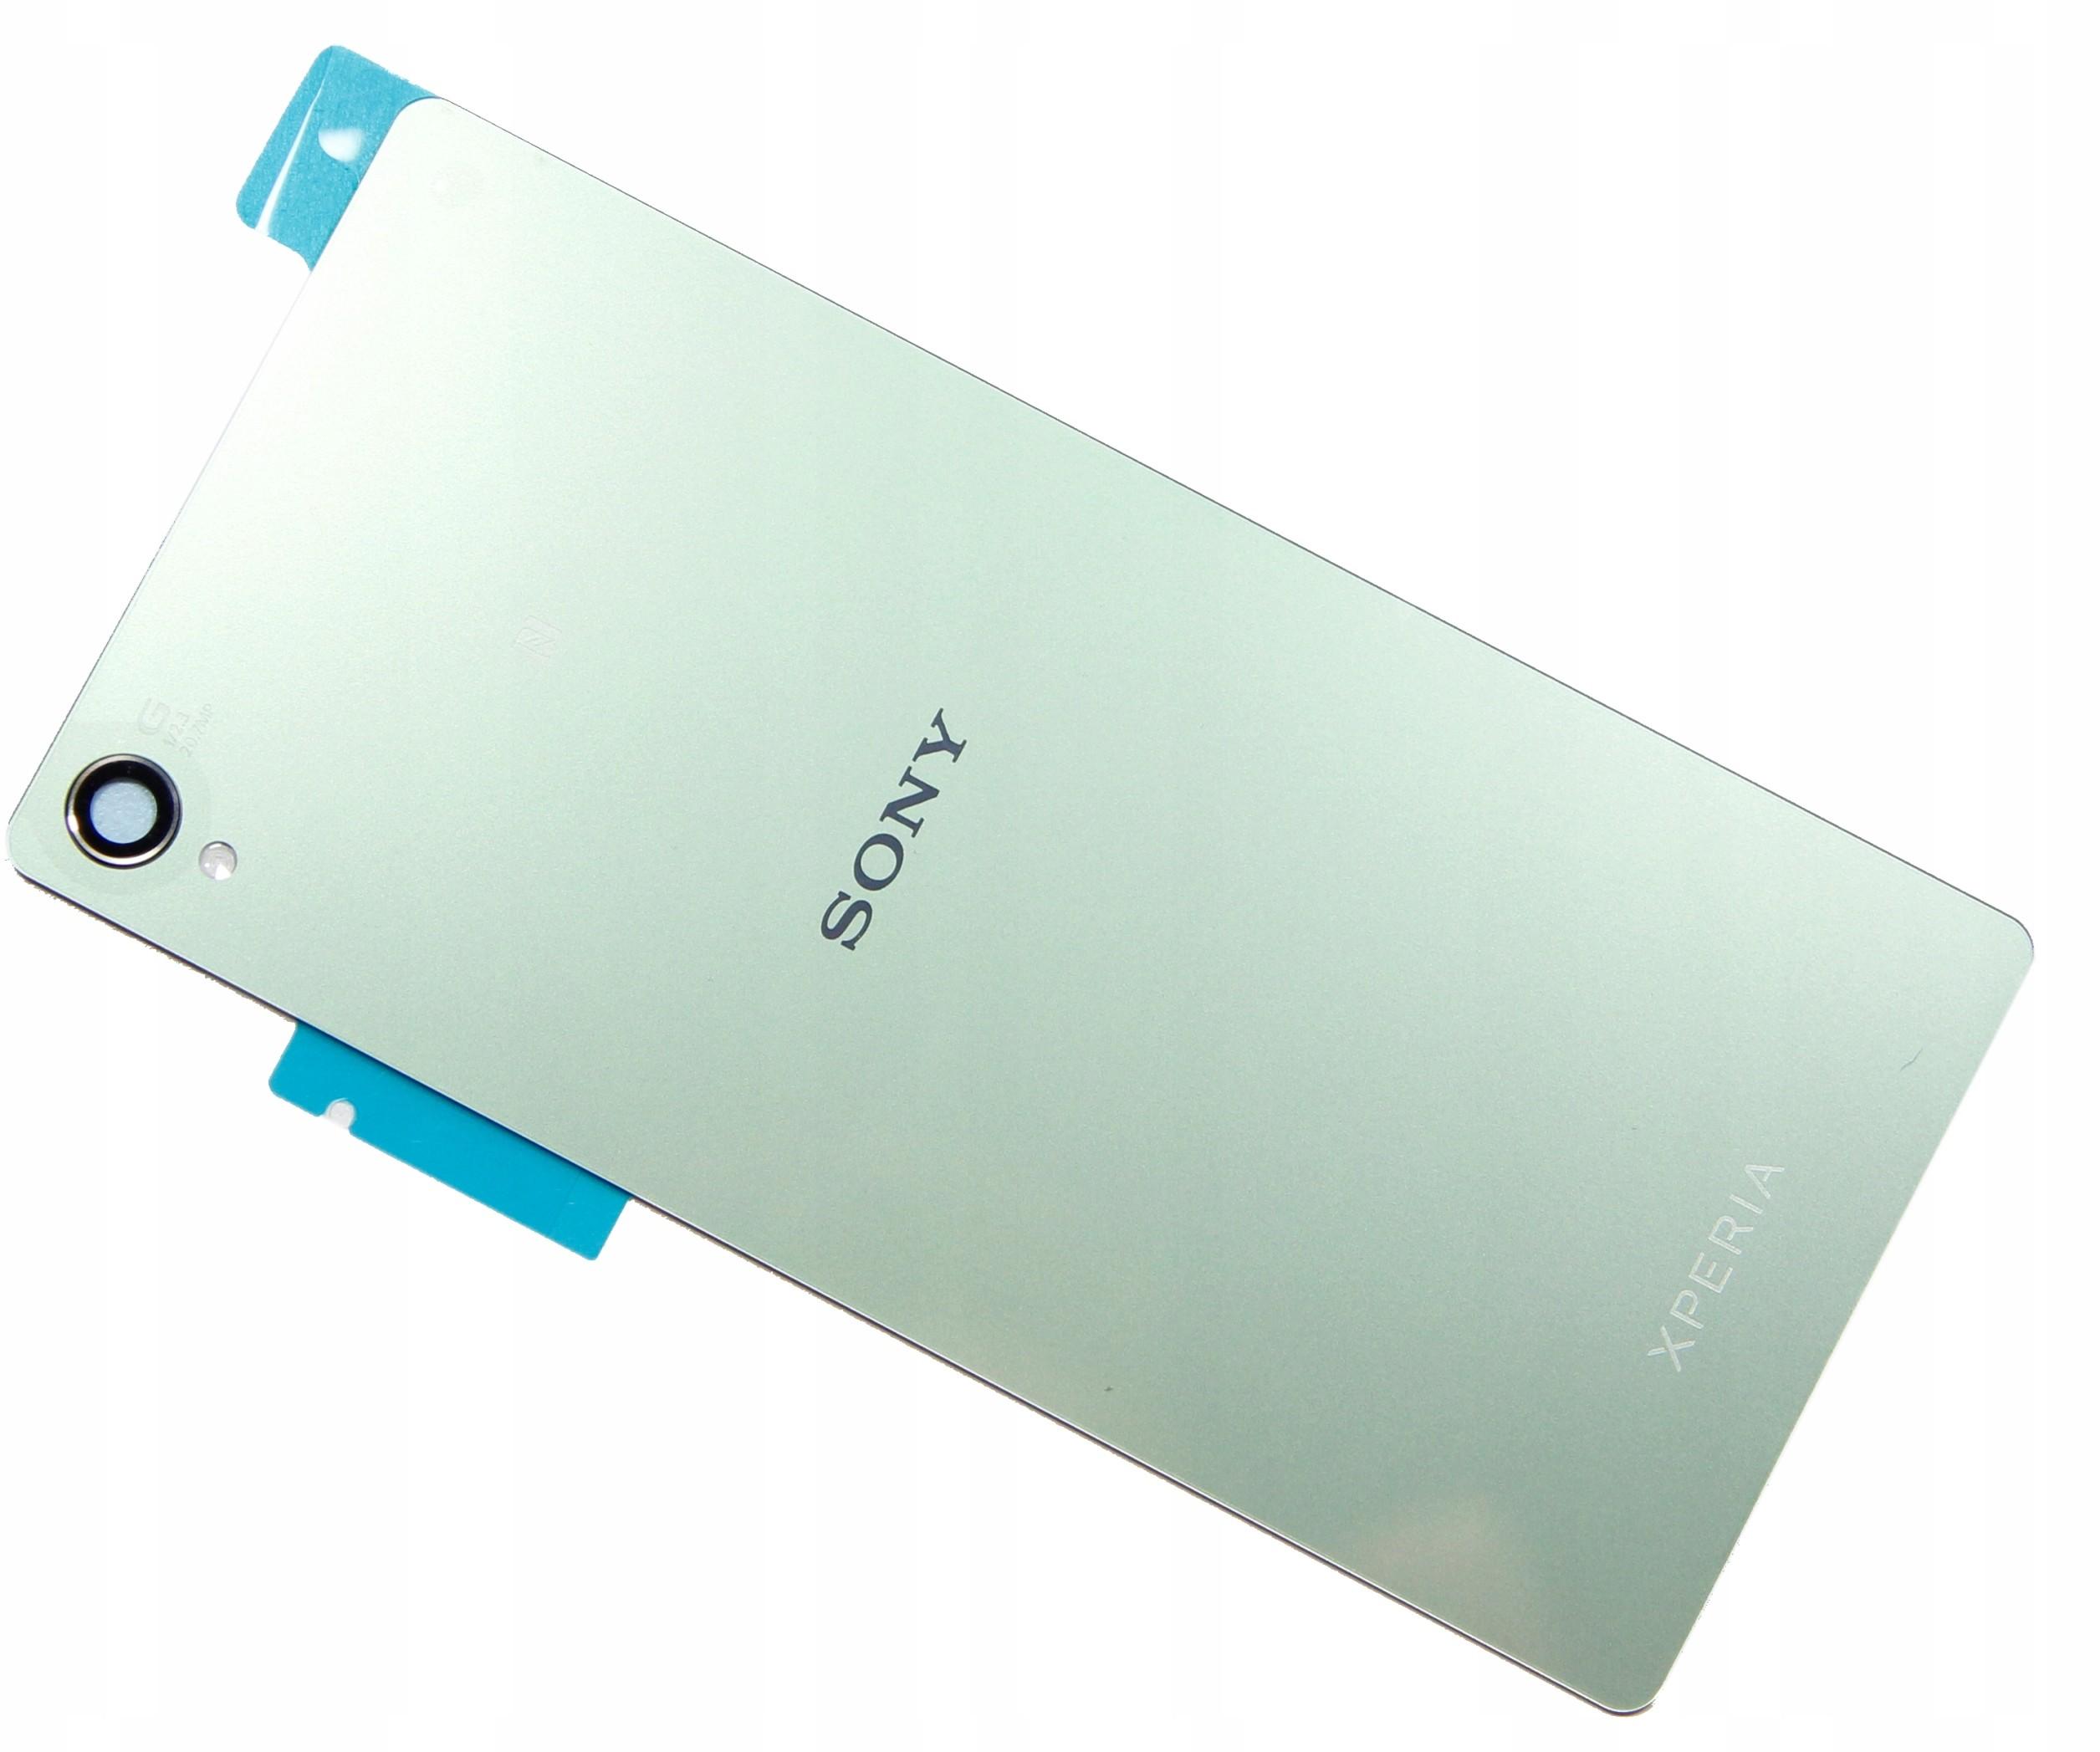 Sony Oryginalna Obudowa Xperia Z3 Silver Green